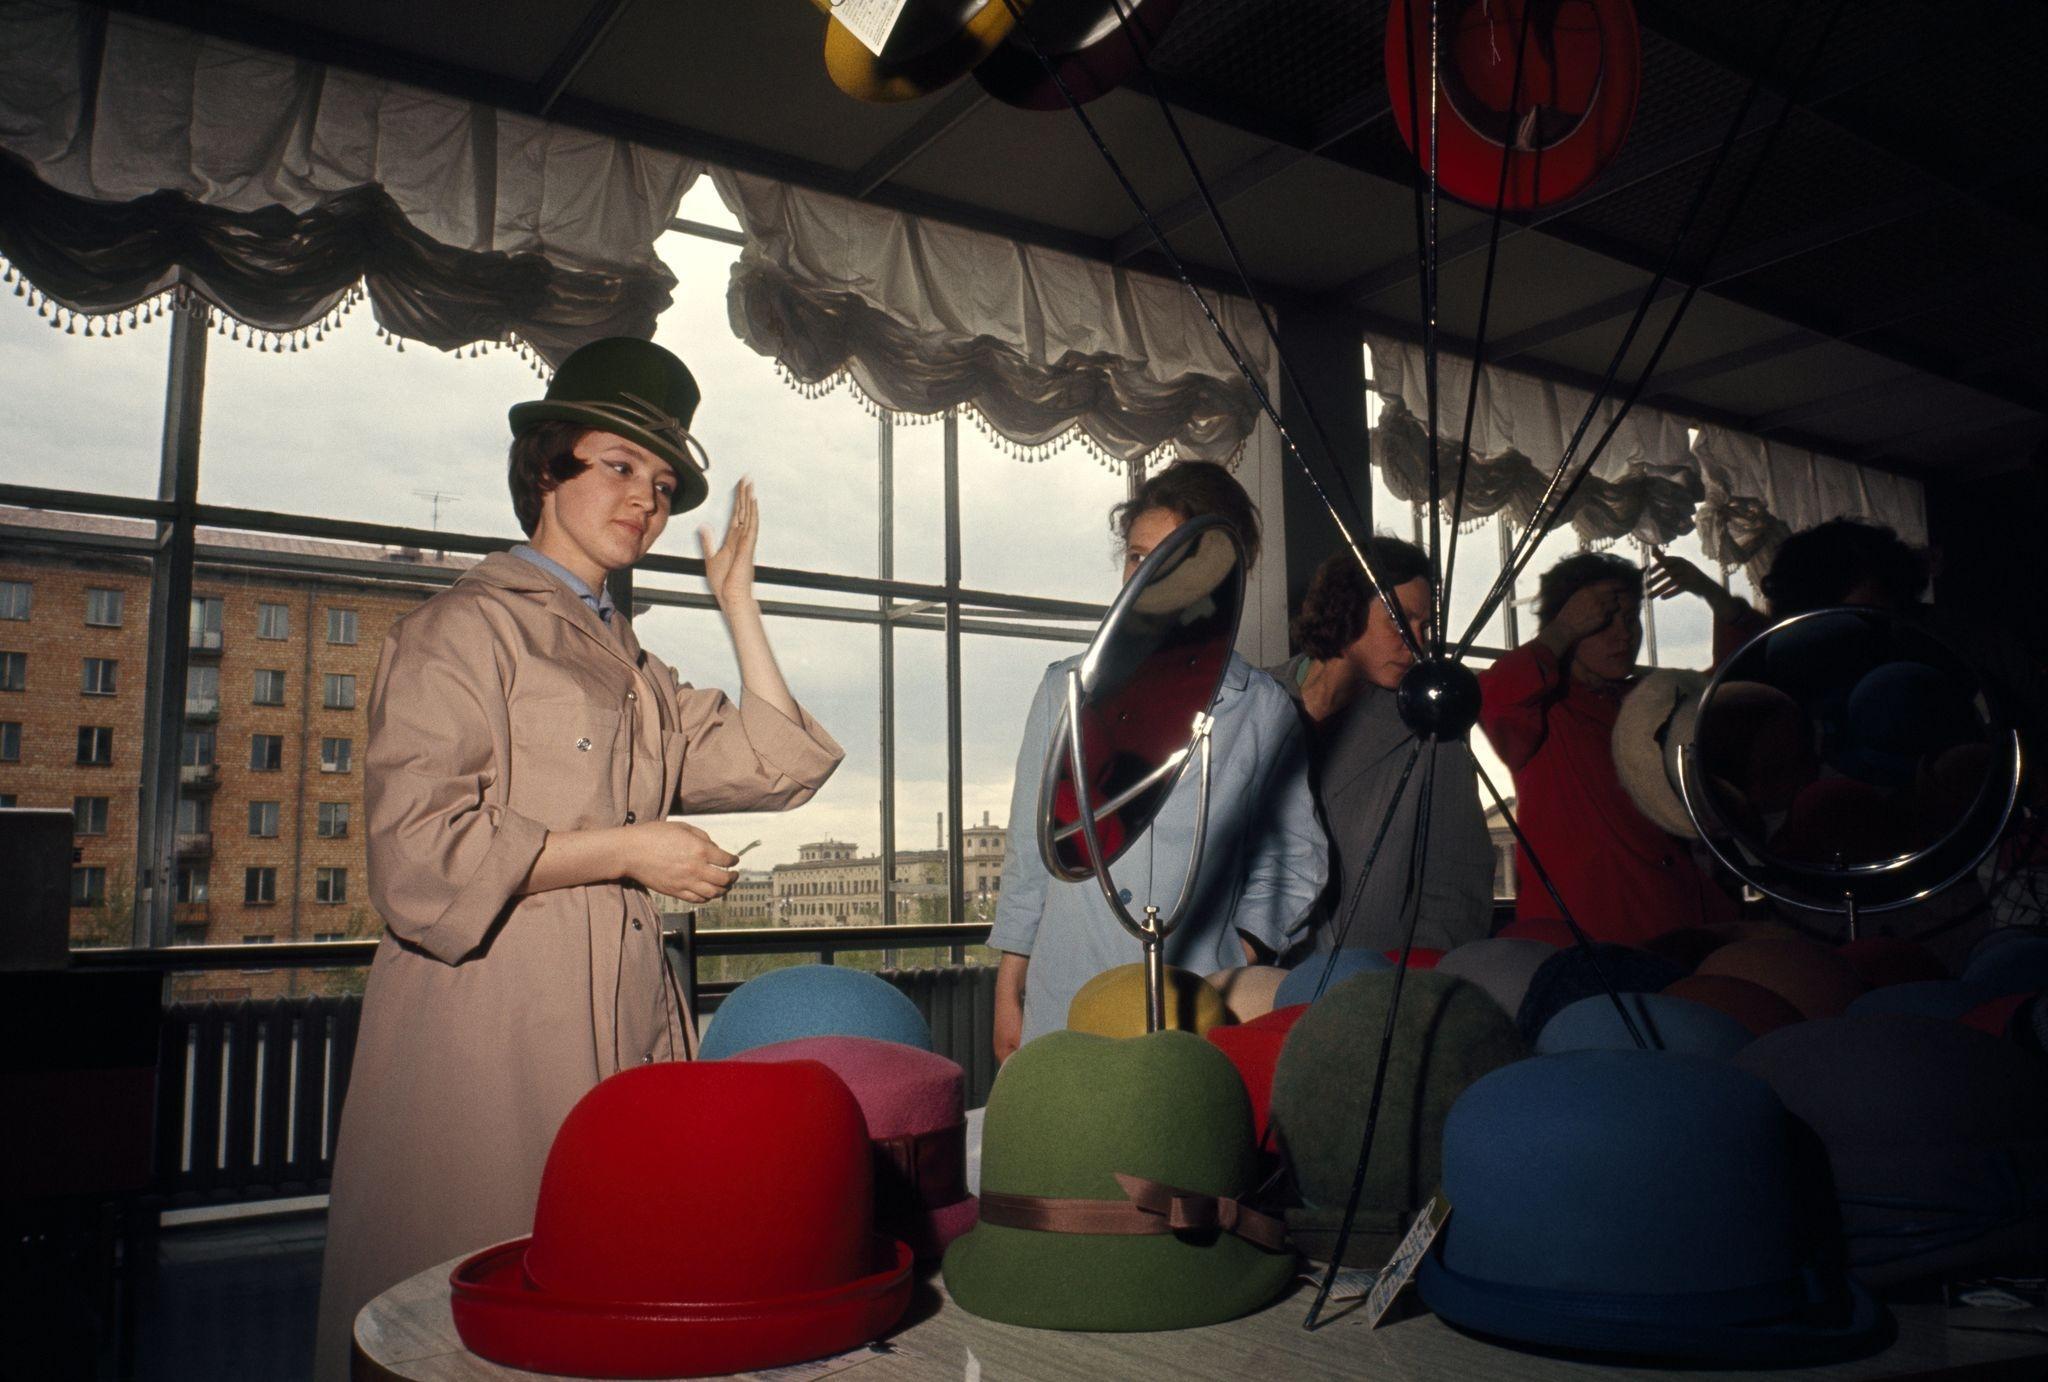 1964. Женщины примеряют шляпы разных цветов